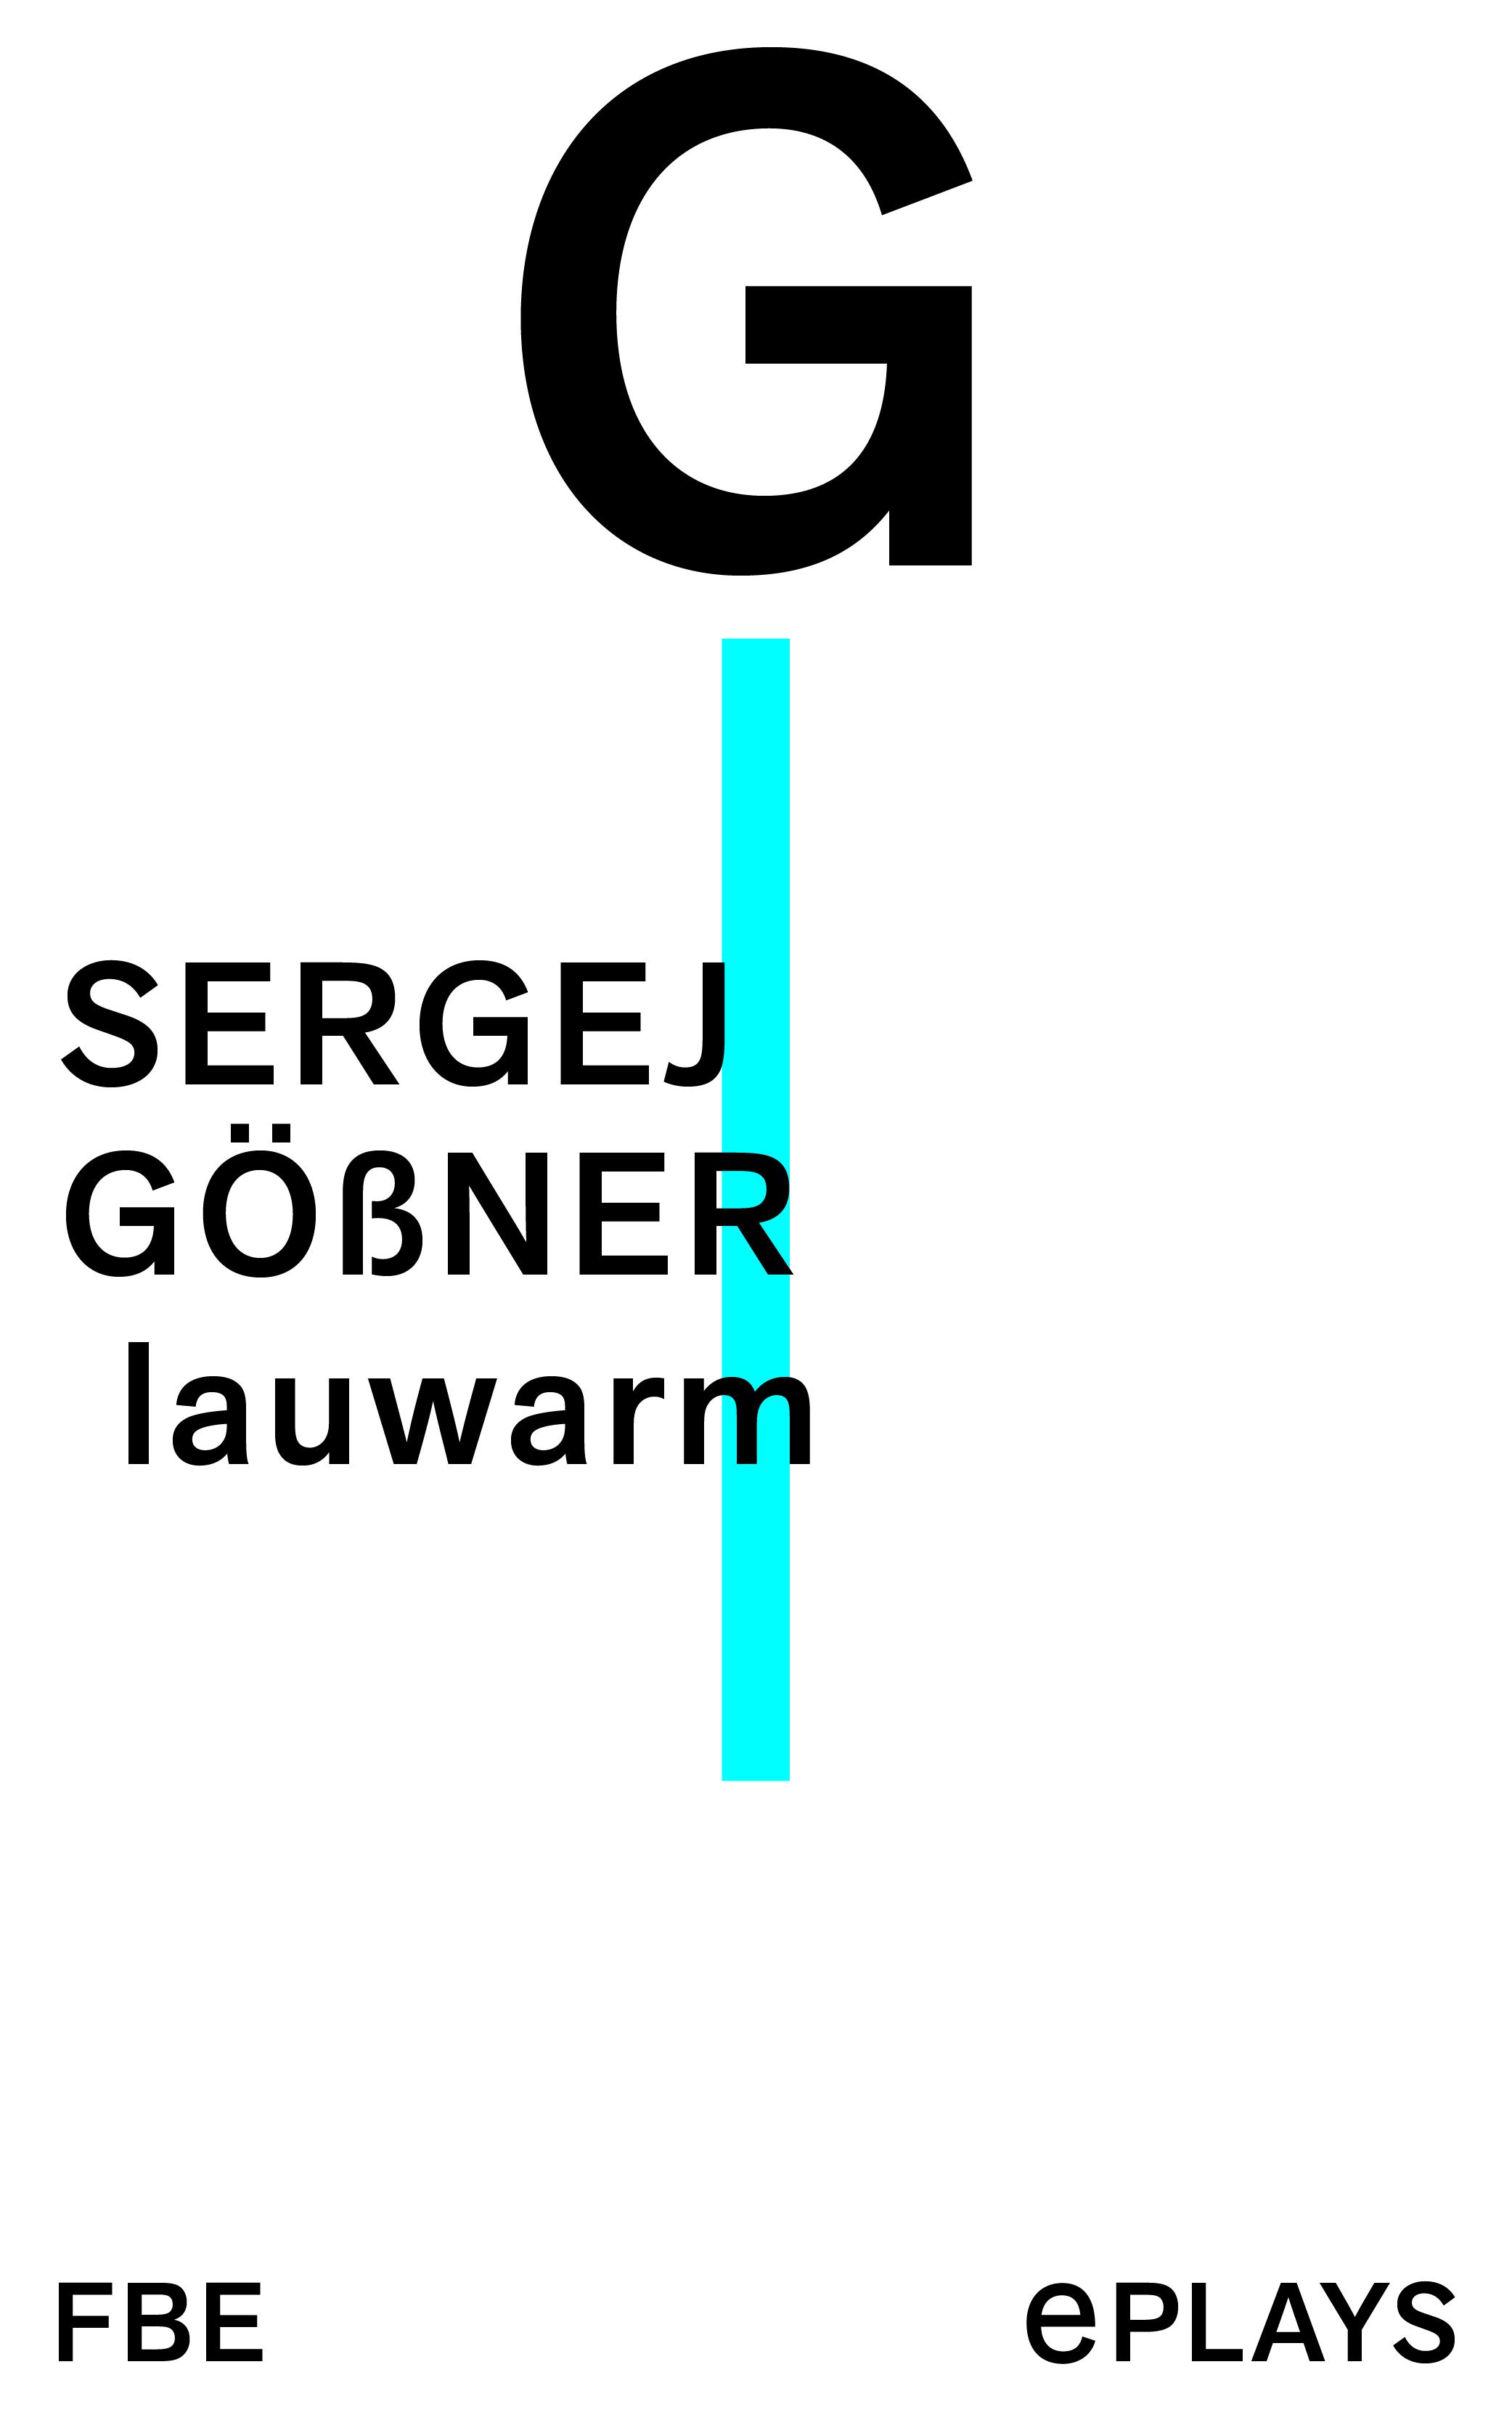 Sergej Gößner lauwarm stratifizierte und segmentierte offentlichkeit